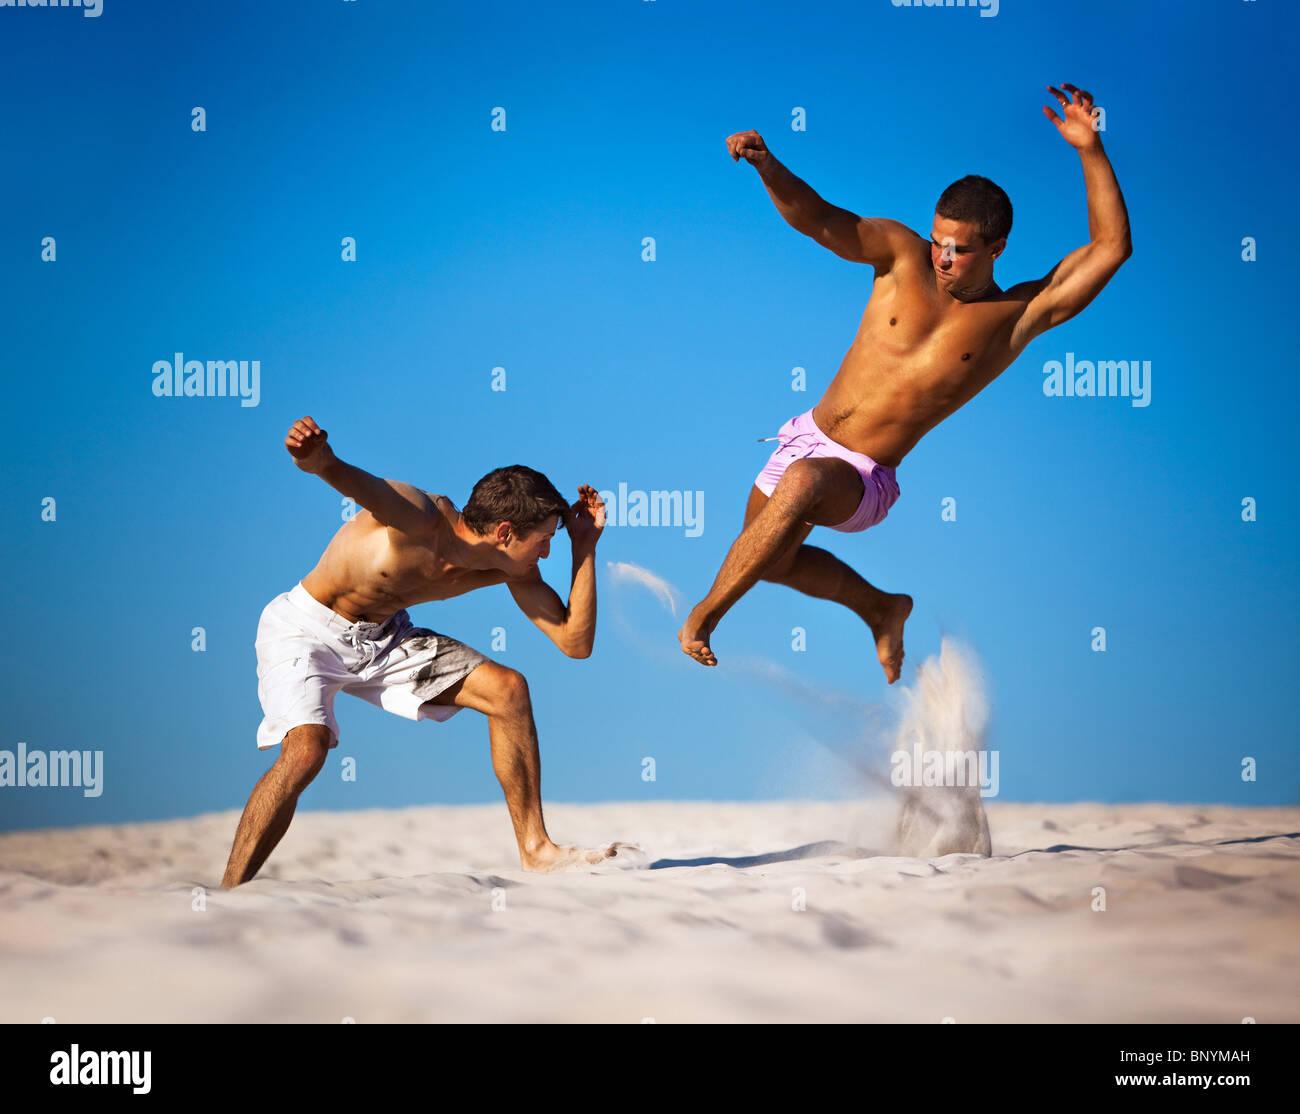 Deux jeunes hommes sport combats sur plage. Photo Stock